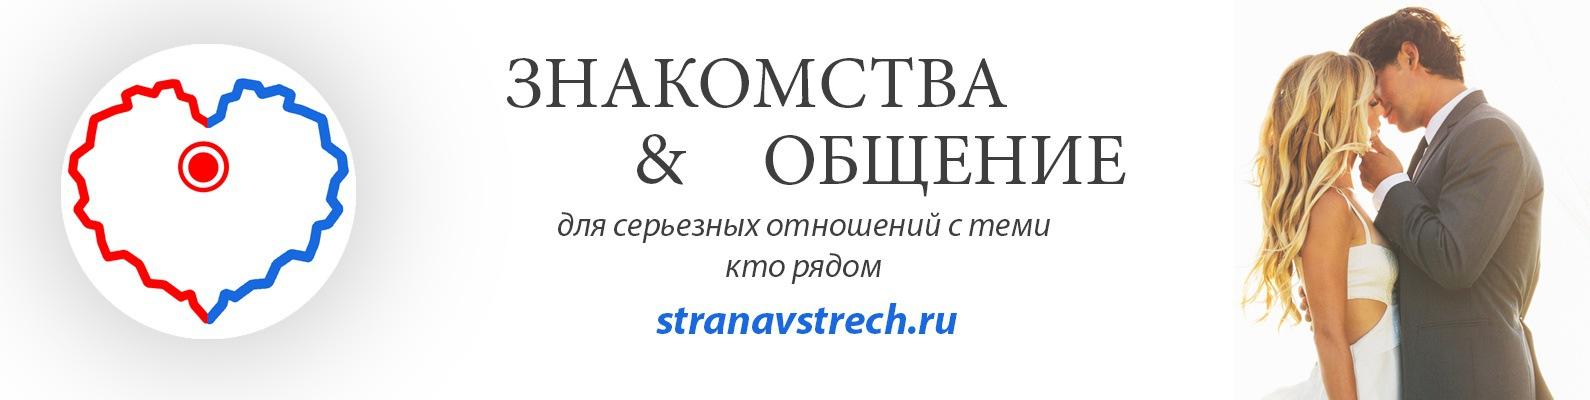 ярославские сайты знакомств и общения